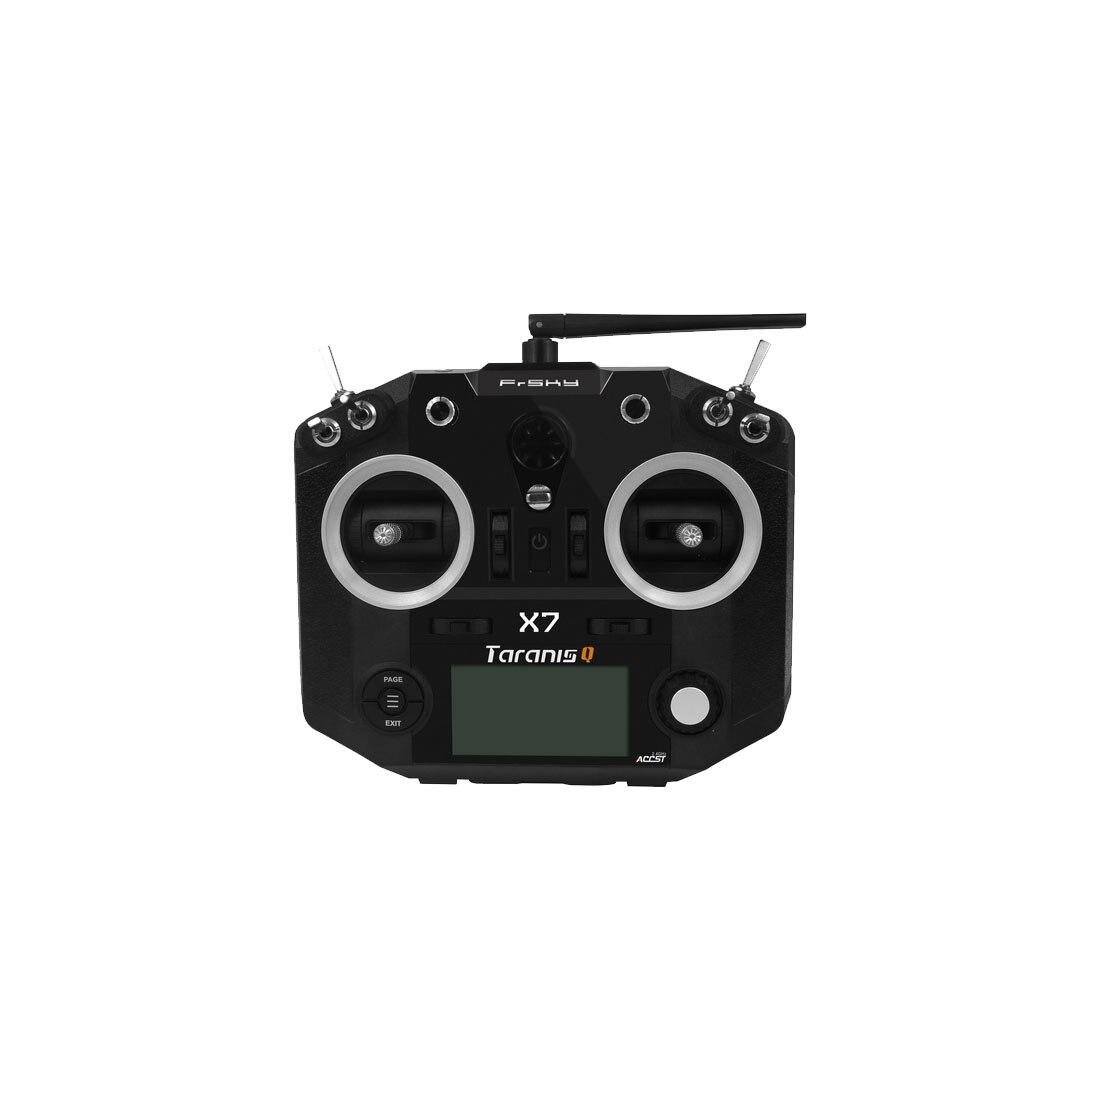 Télécommande pour transmetteur FrSky ACCST Taranis Q X7 QX7 2.4 GHz 16CH pour Drone Multicopter FPV RC